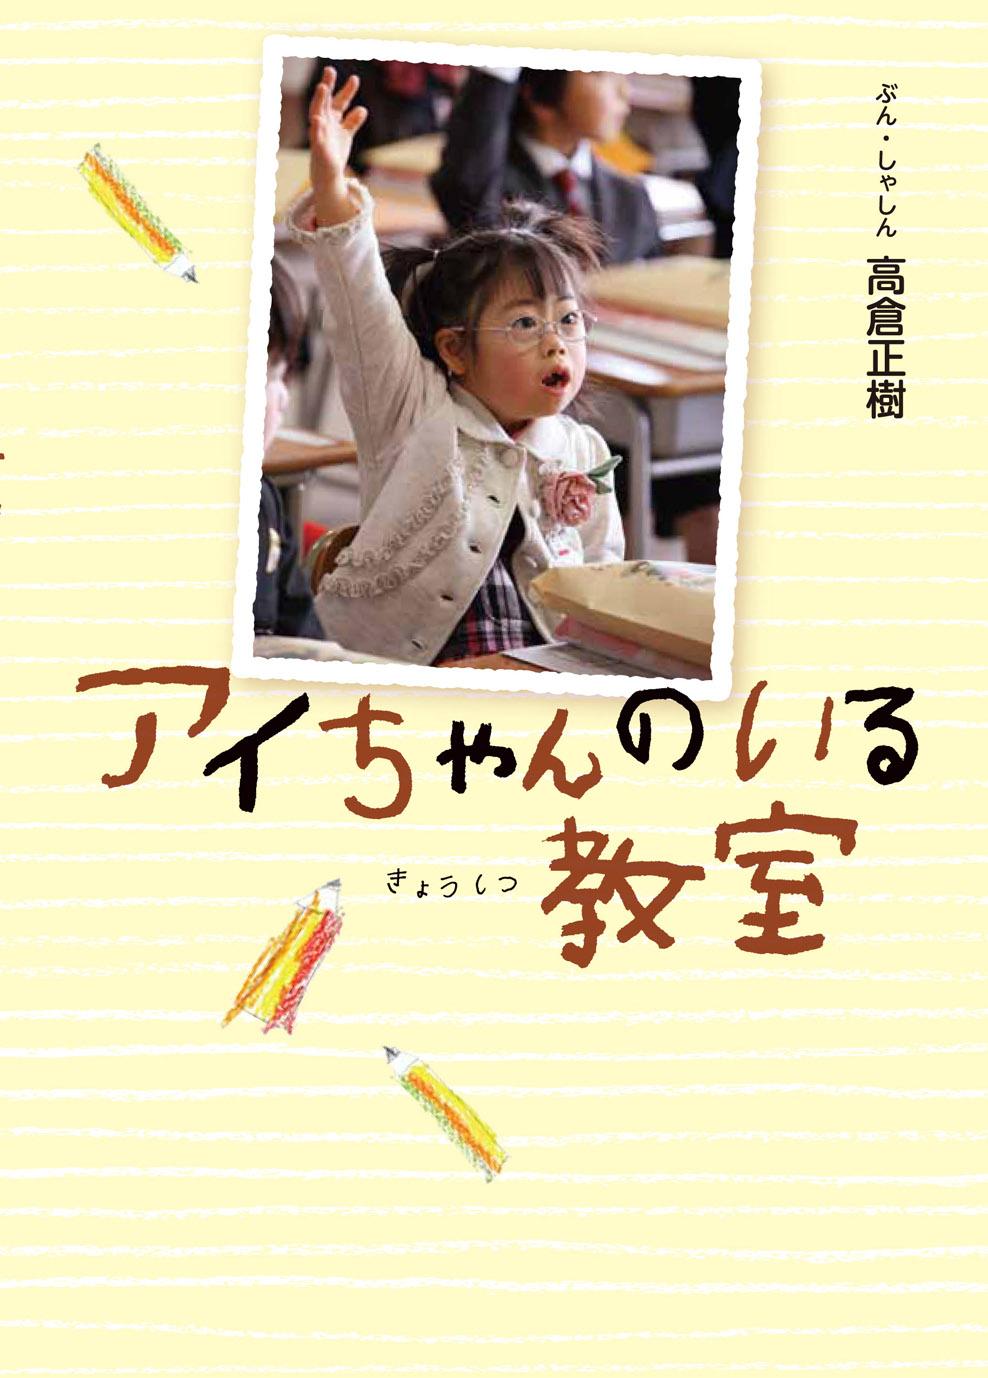 「アイちゃんの教室」高倉正樹さん講演会「アイちゃんの教室」と6年間過ごして